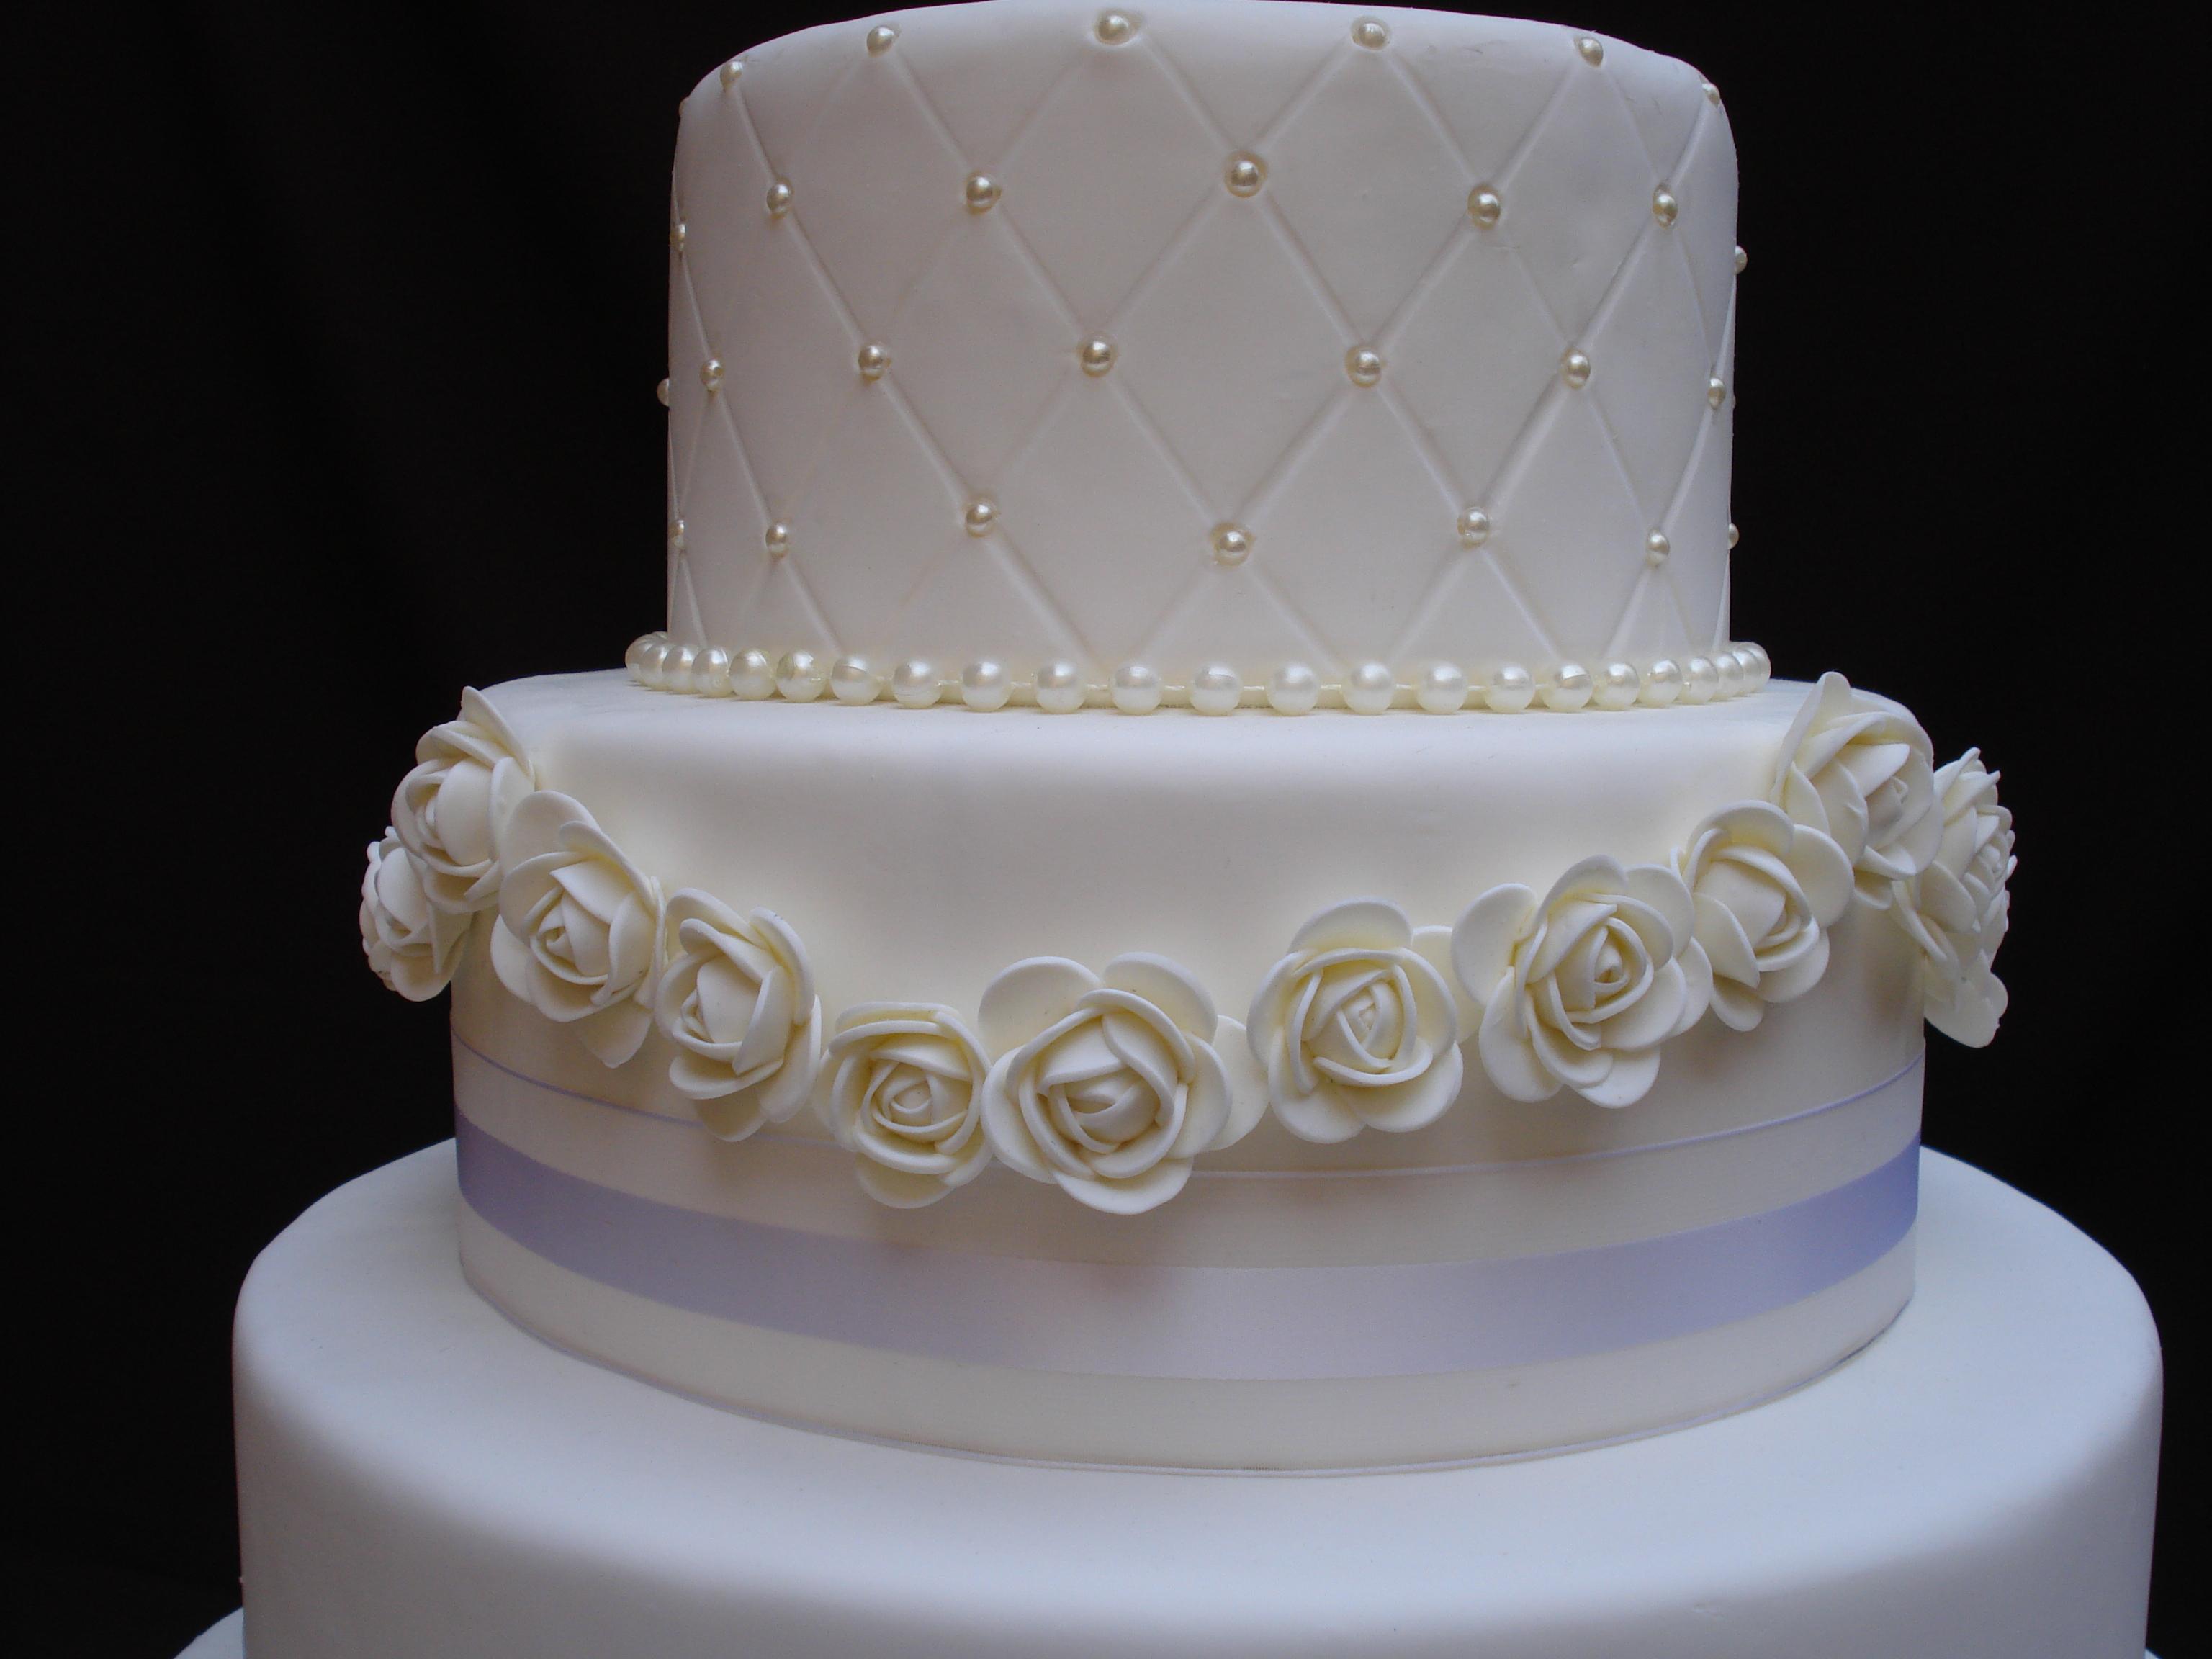 bolo-de-casamento-super-delicado-bolo-casamento-rosas.jpg